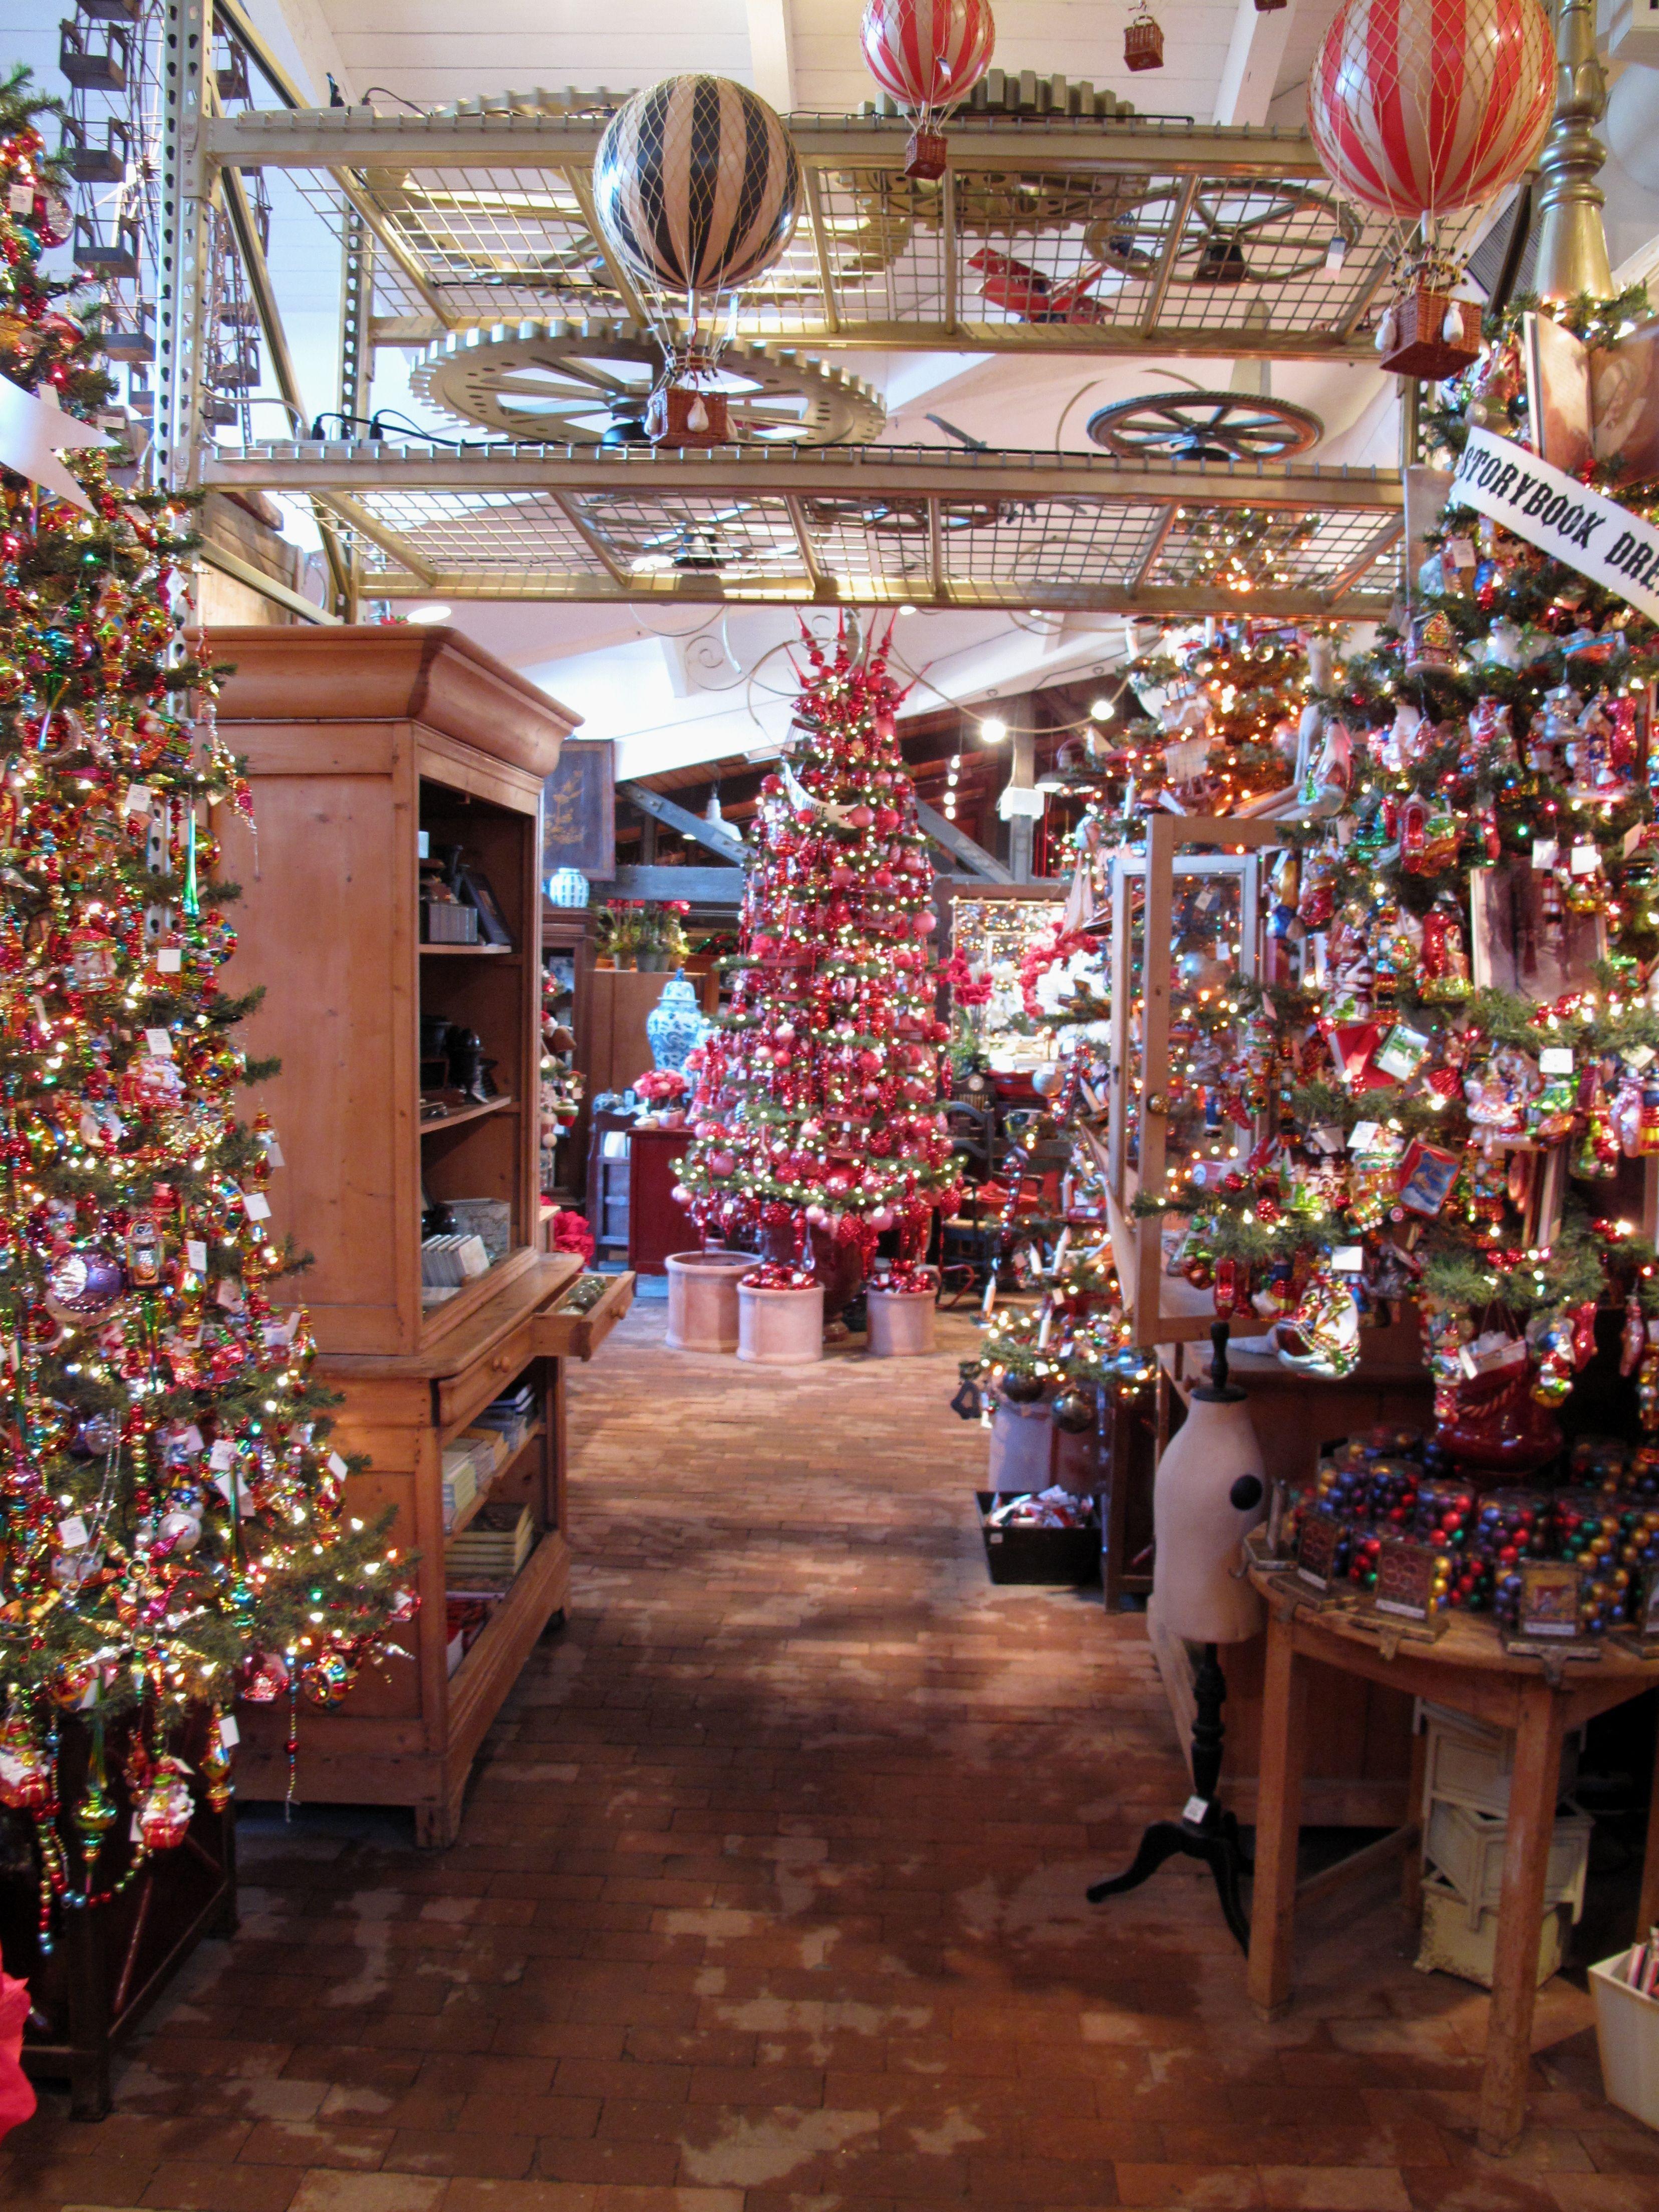 2009 Christmas Roger's Gardens Christmas shop window